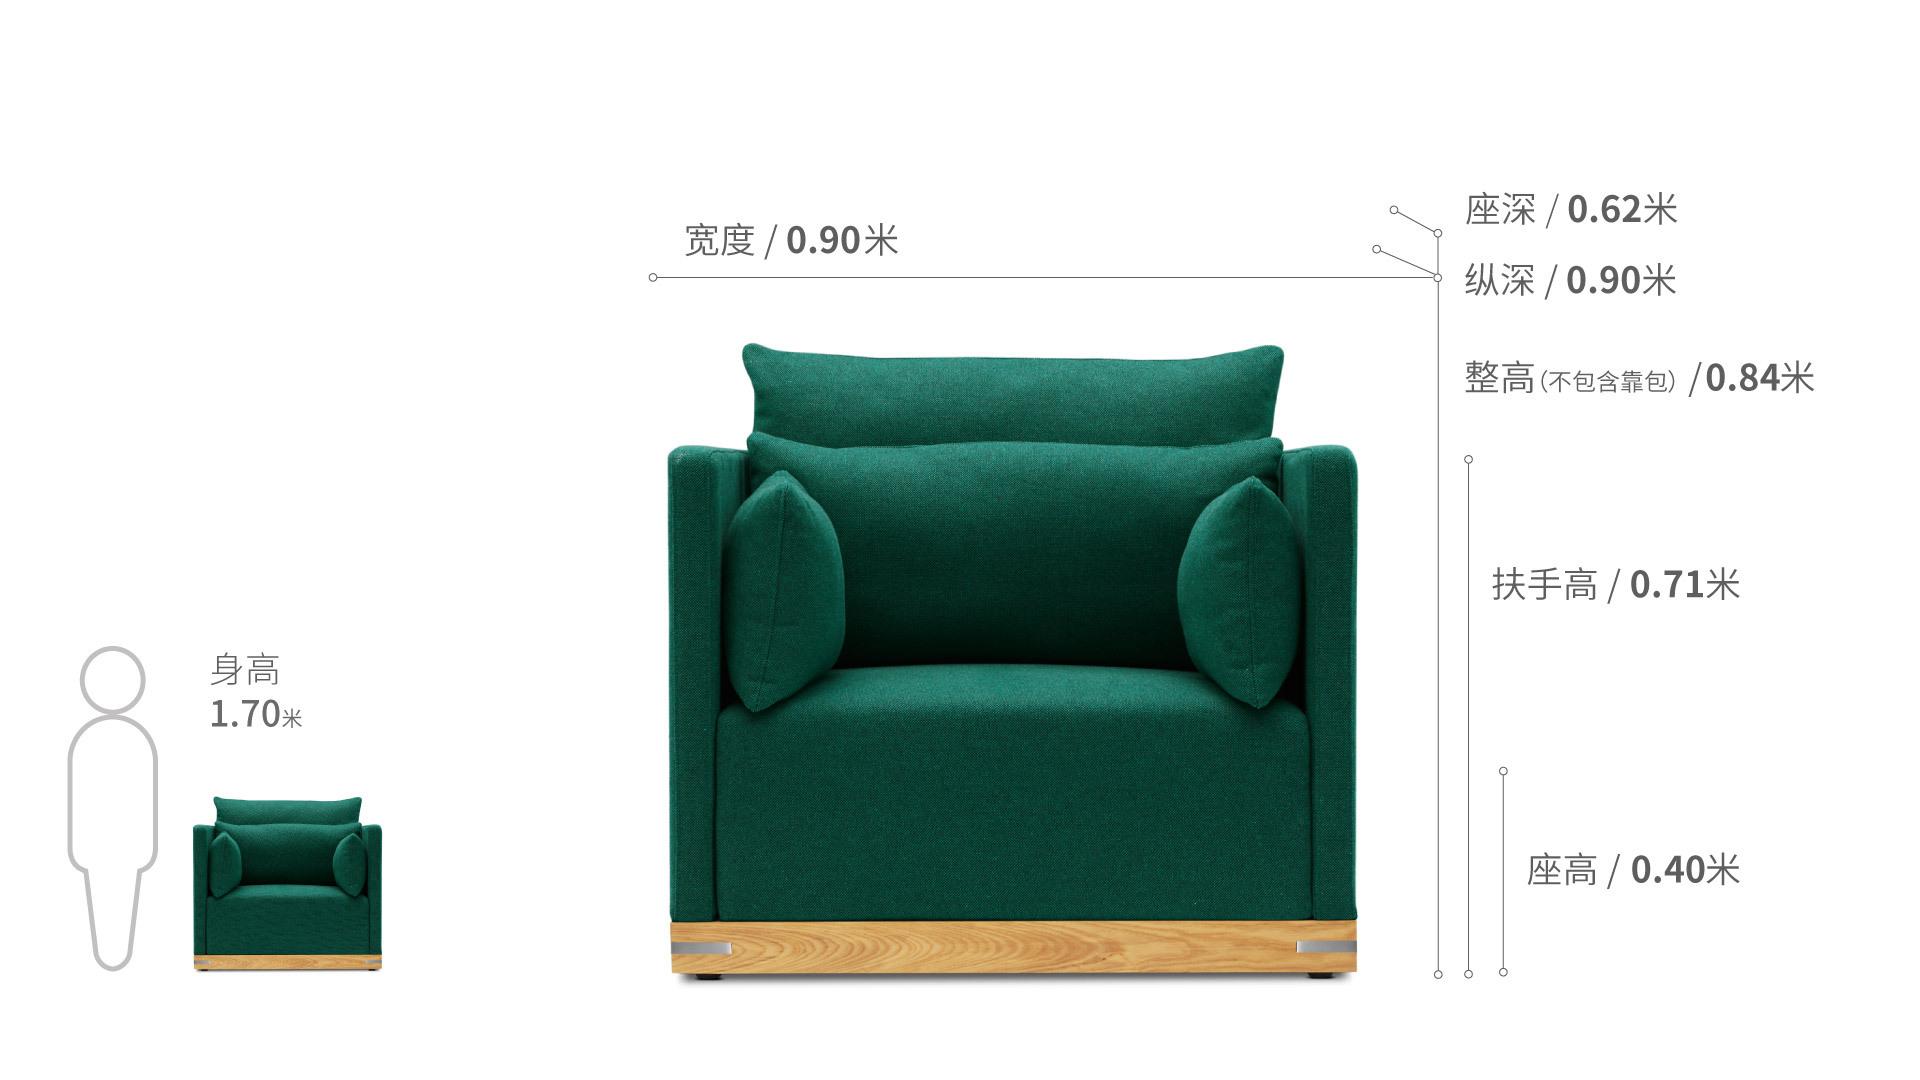 造作远山沙发®单人座沙发效果图